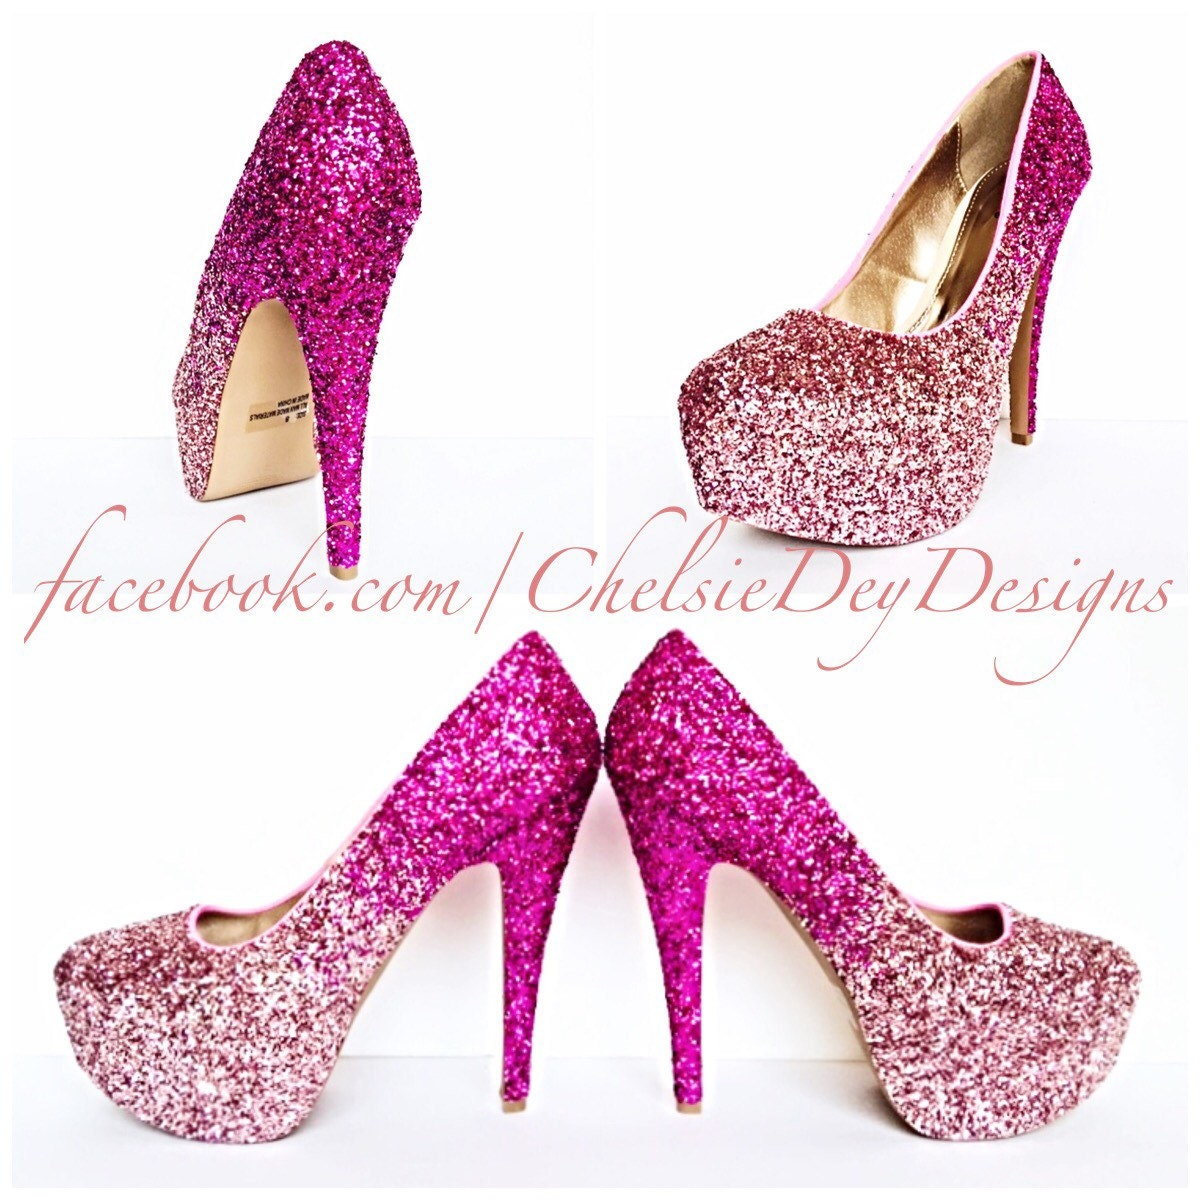 Glitter High Heels Hot Pink Pumps Light Pink Ombre